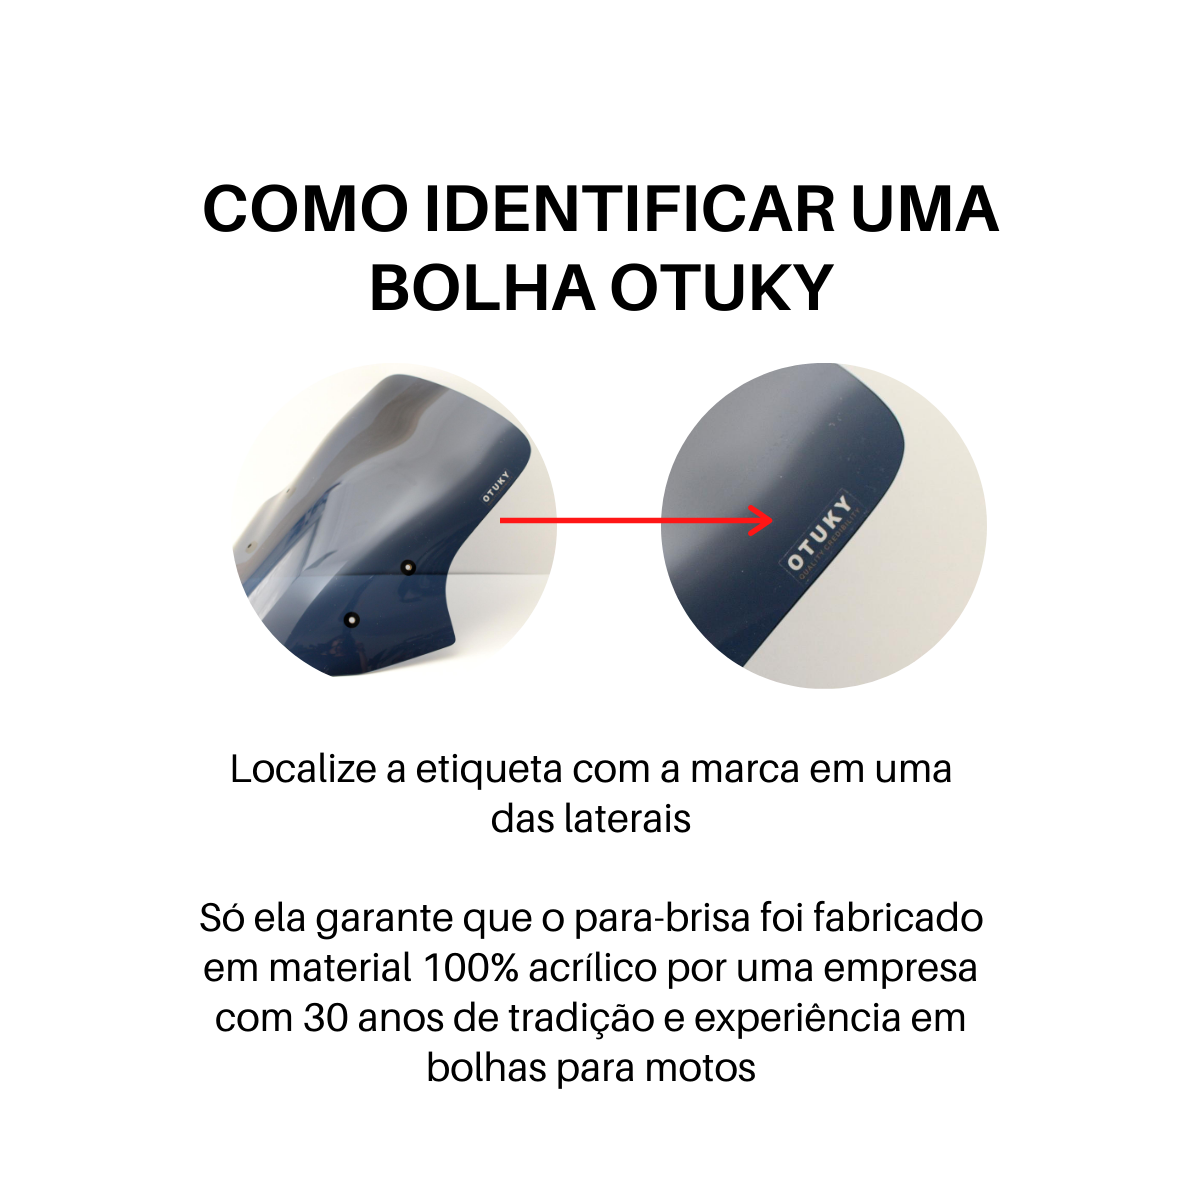 Bolha para Moto Elefantré 30.0 Padrão Otuky Fumê Cinza-claro